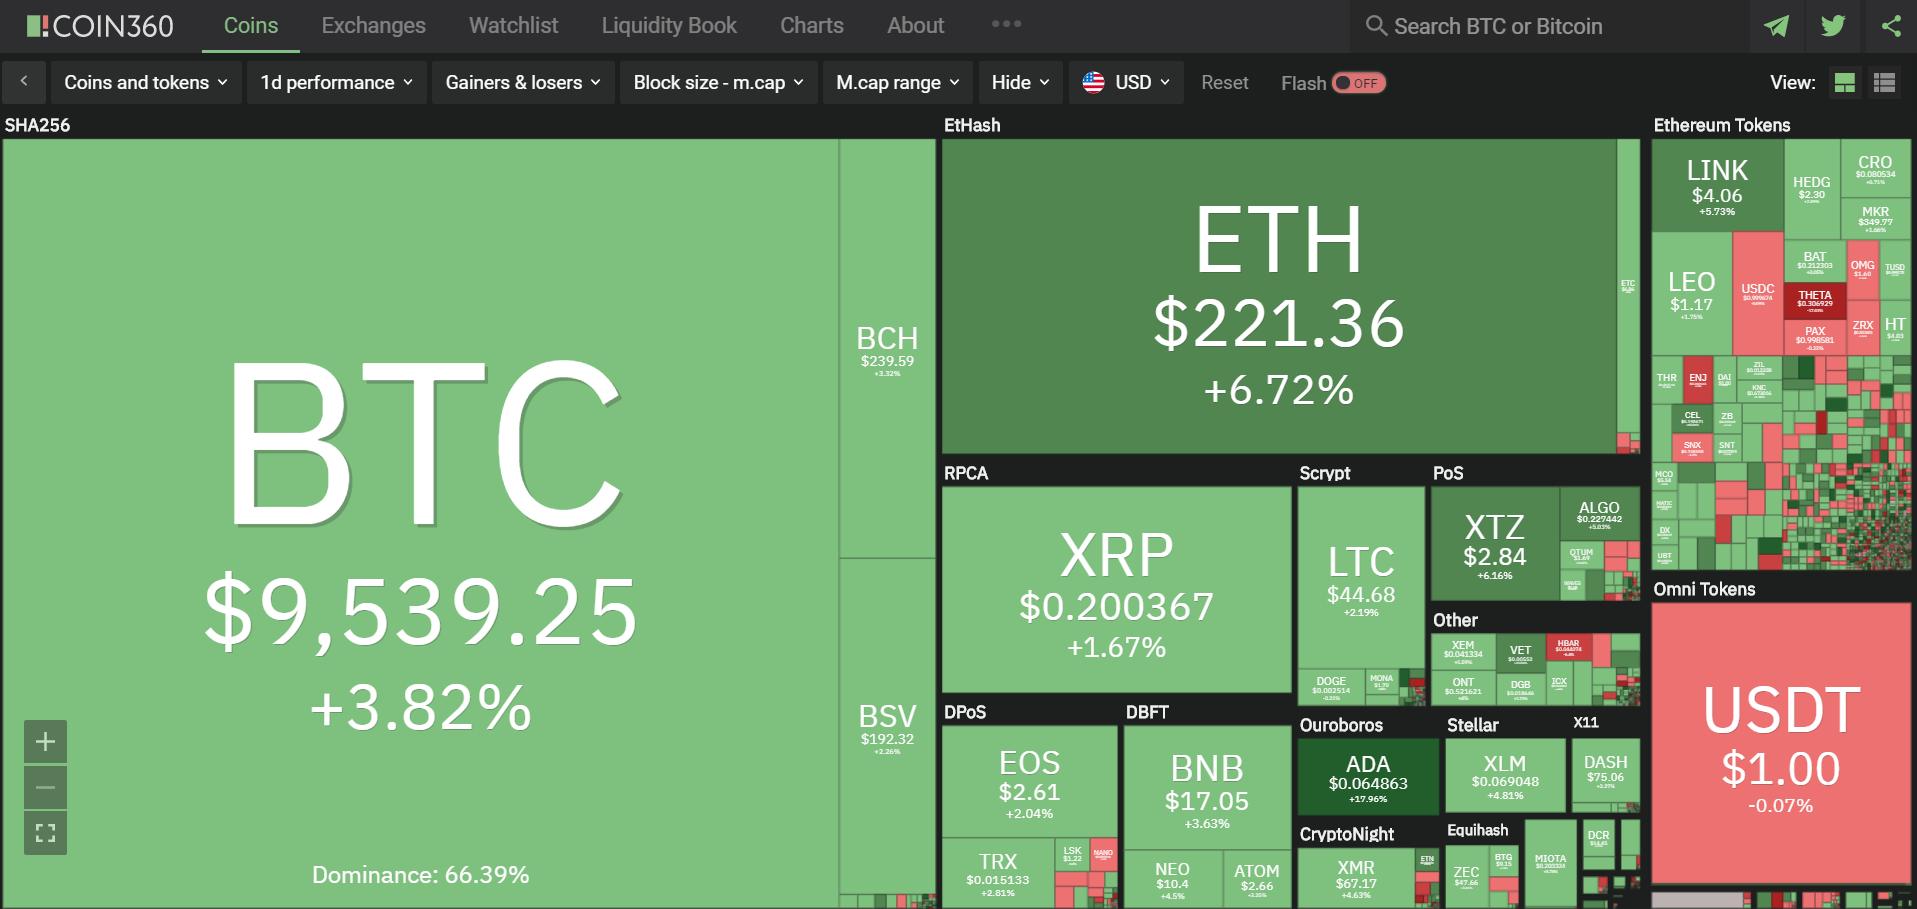 Toàn cảnh thị trường ngày 29/5 (nguồn: Coin360.com)